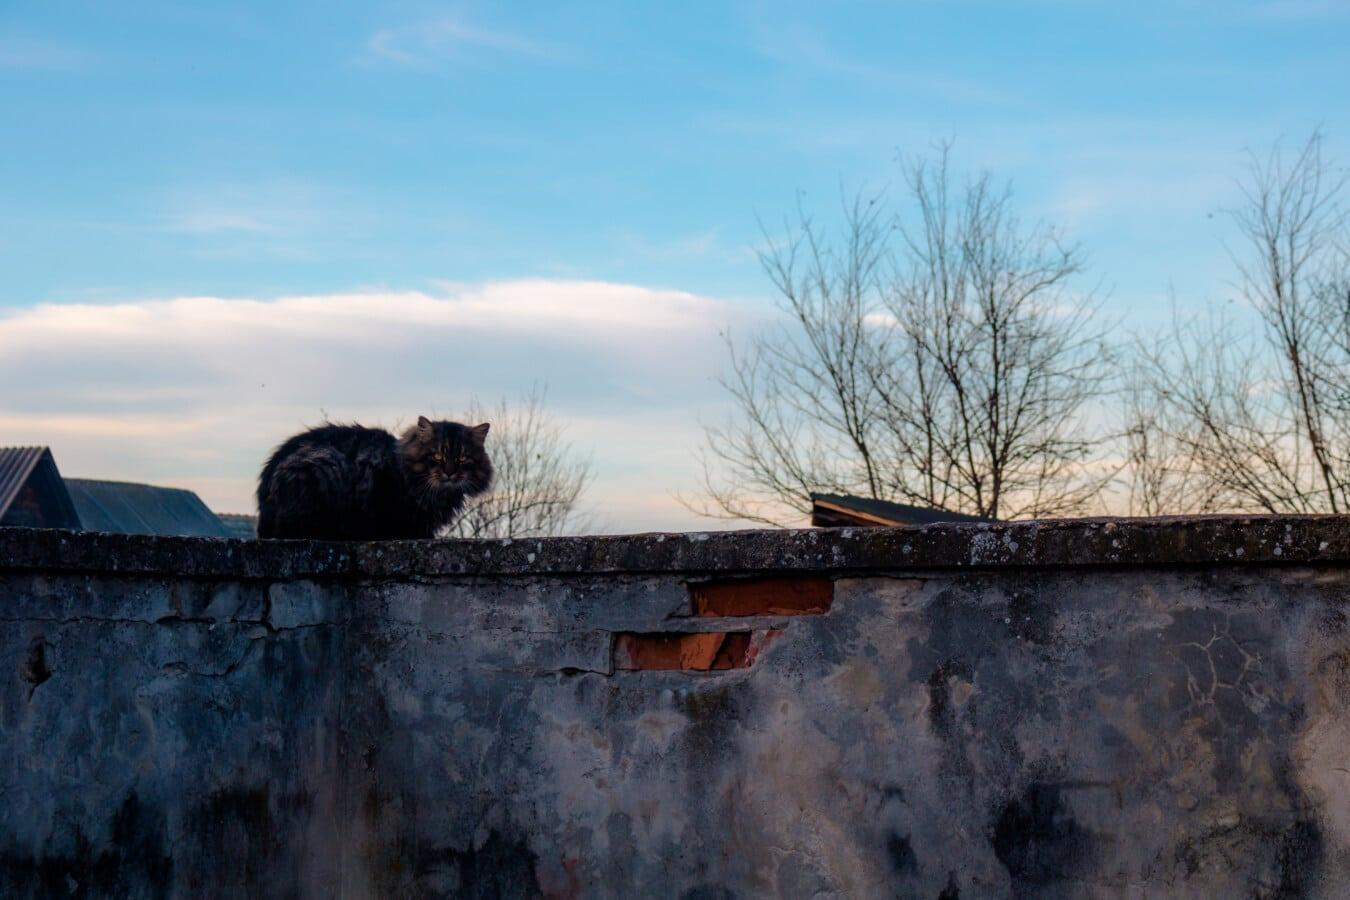 huskatten, tegelstenar, väggen, övergiven, naturen, arkitektur, gamla, Utomhus, djur, blå himmel